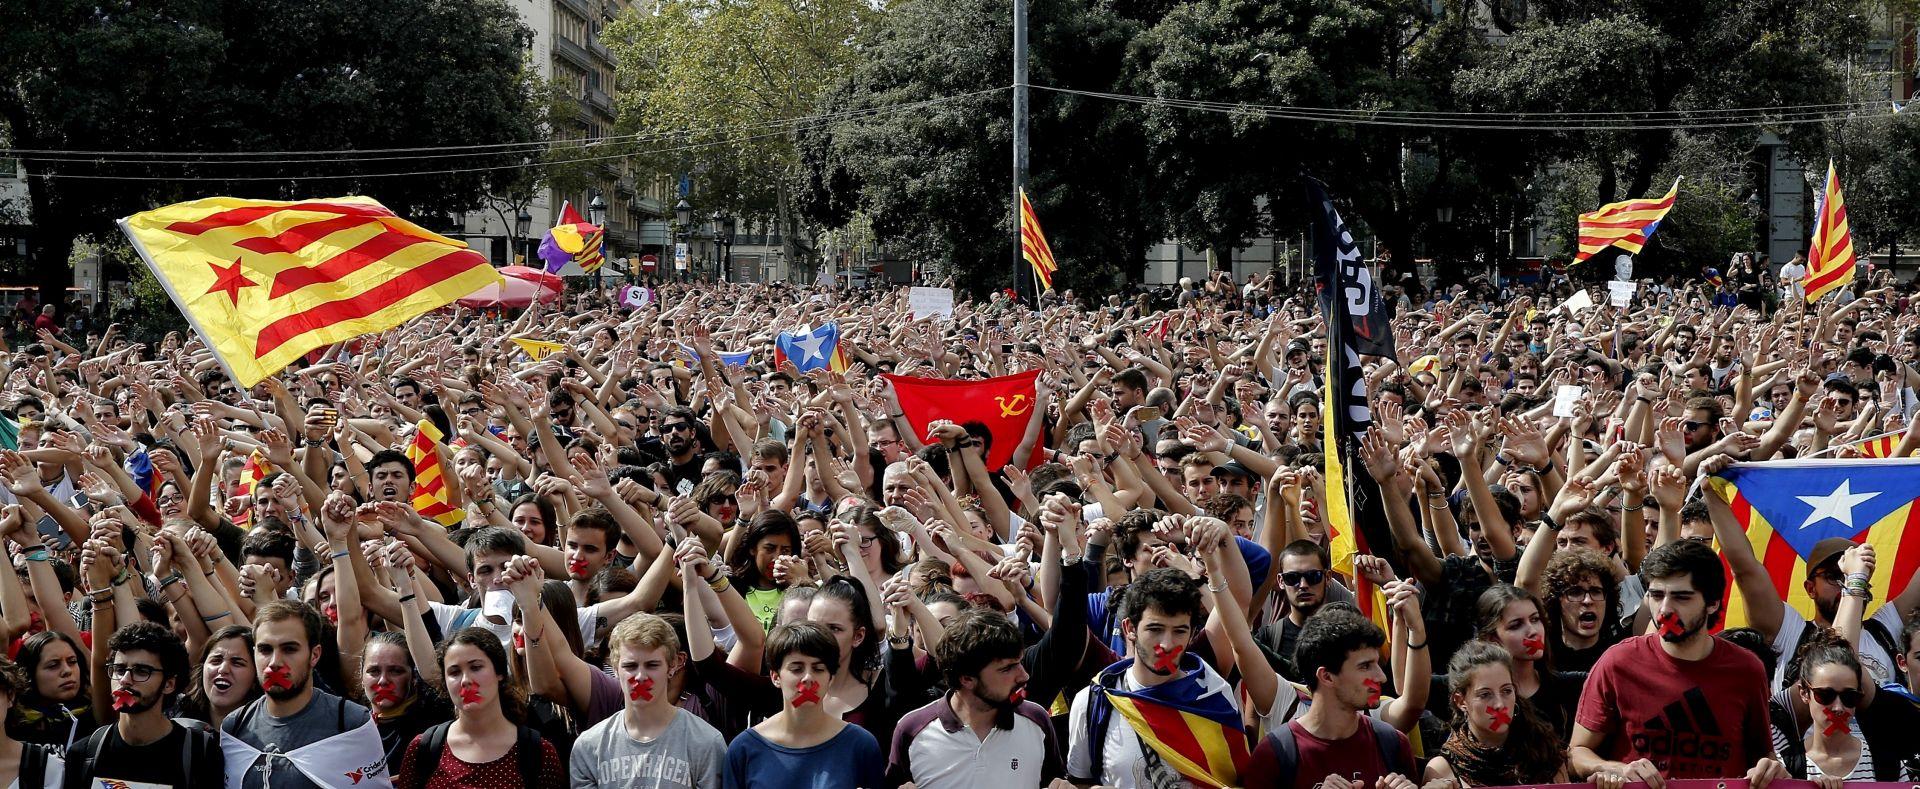 KATALONIJA Barcelona se sutra priključuje štrajku, zatvaraju se vrata kluba